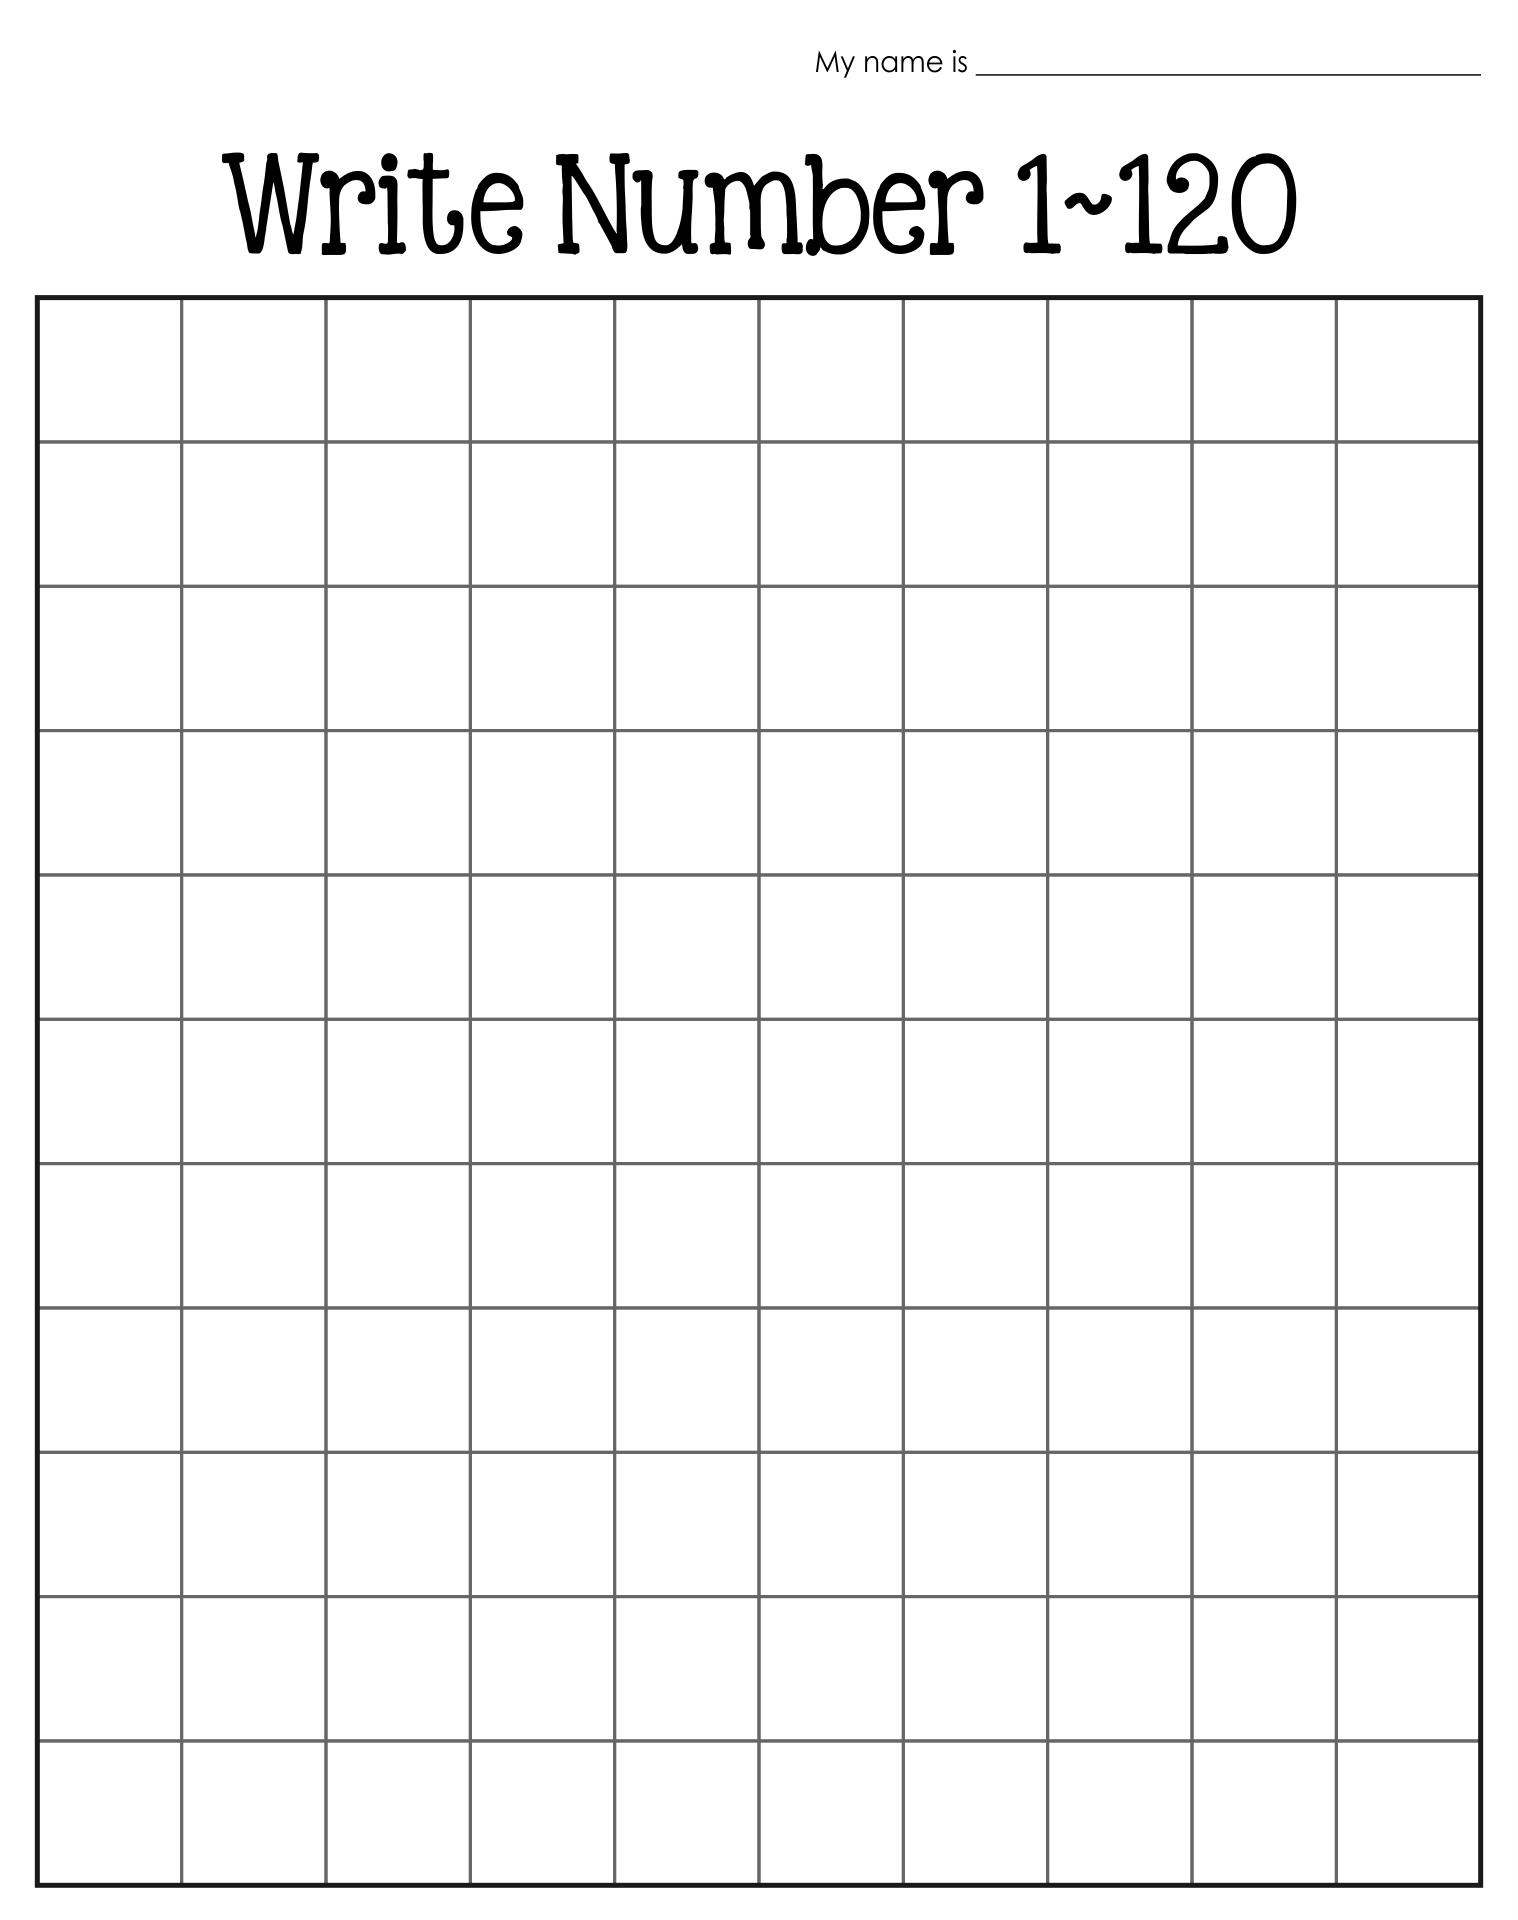 Writing Numbers 1-120 Worksheet